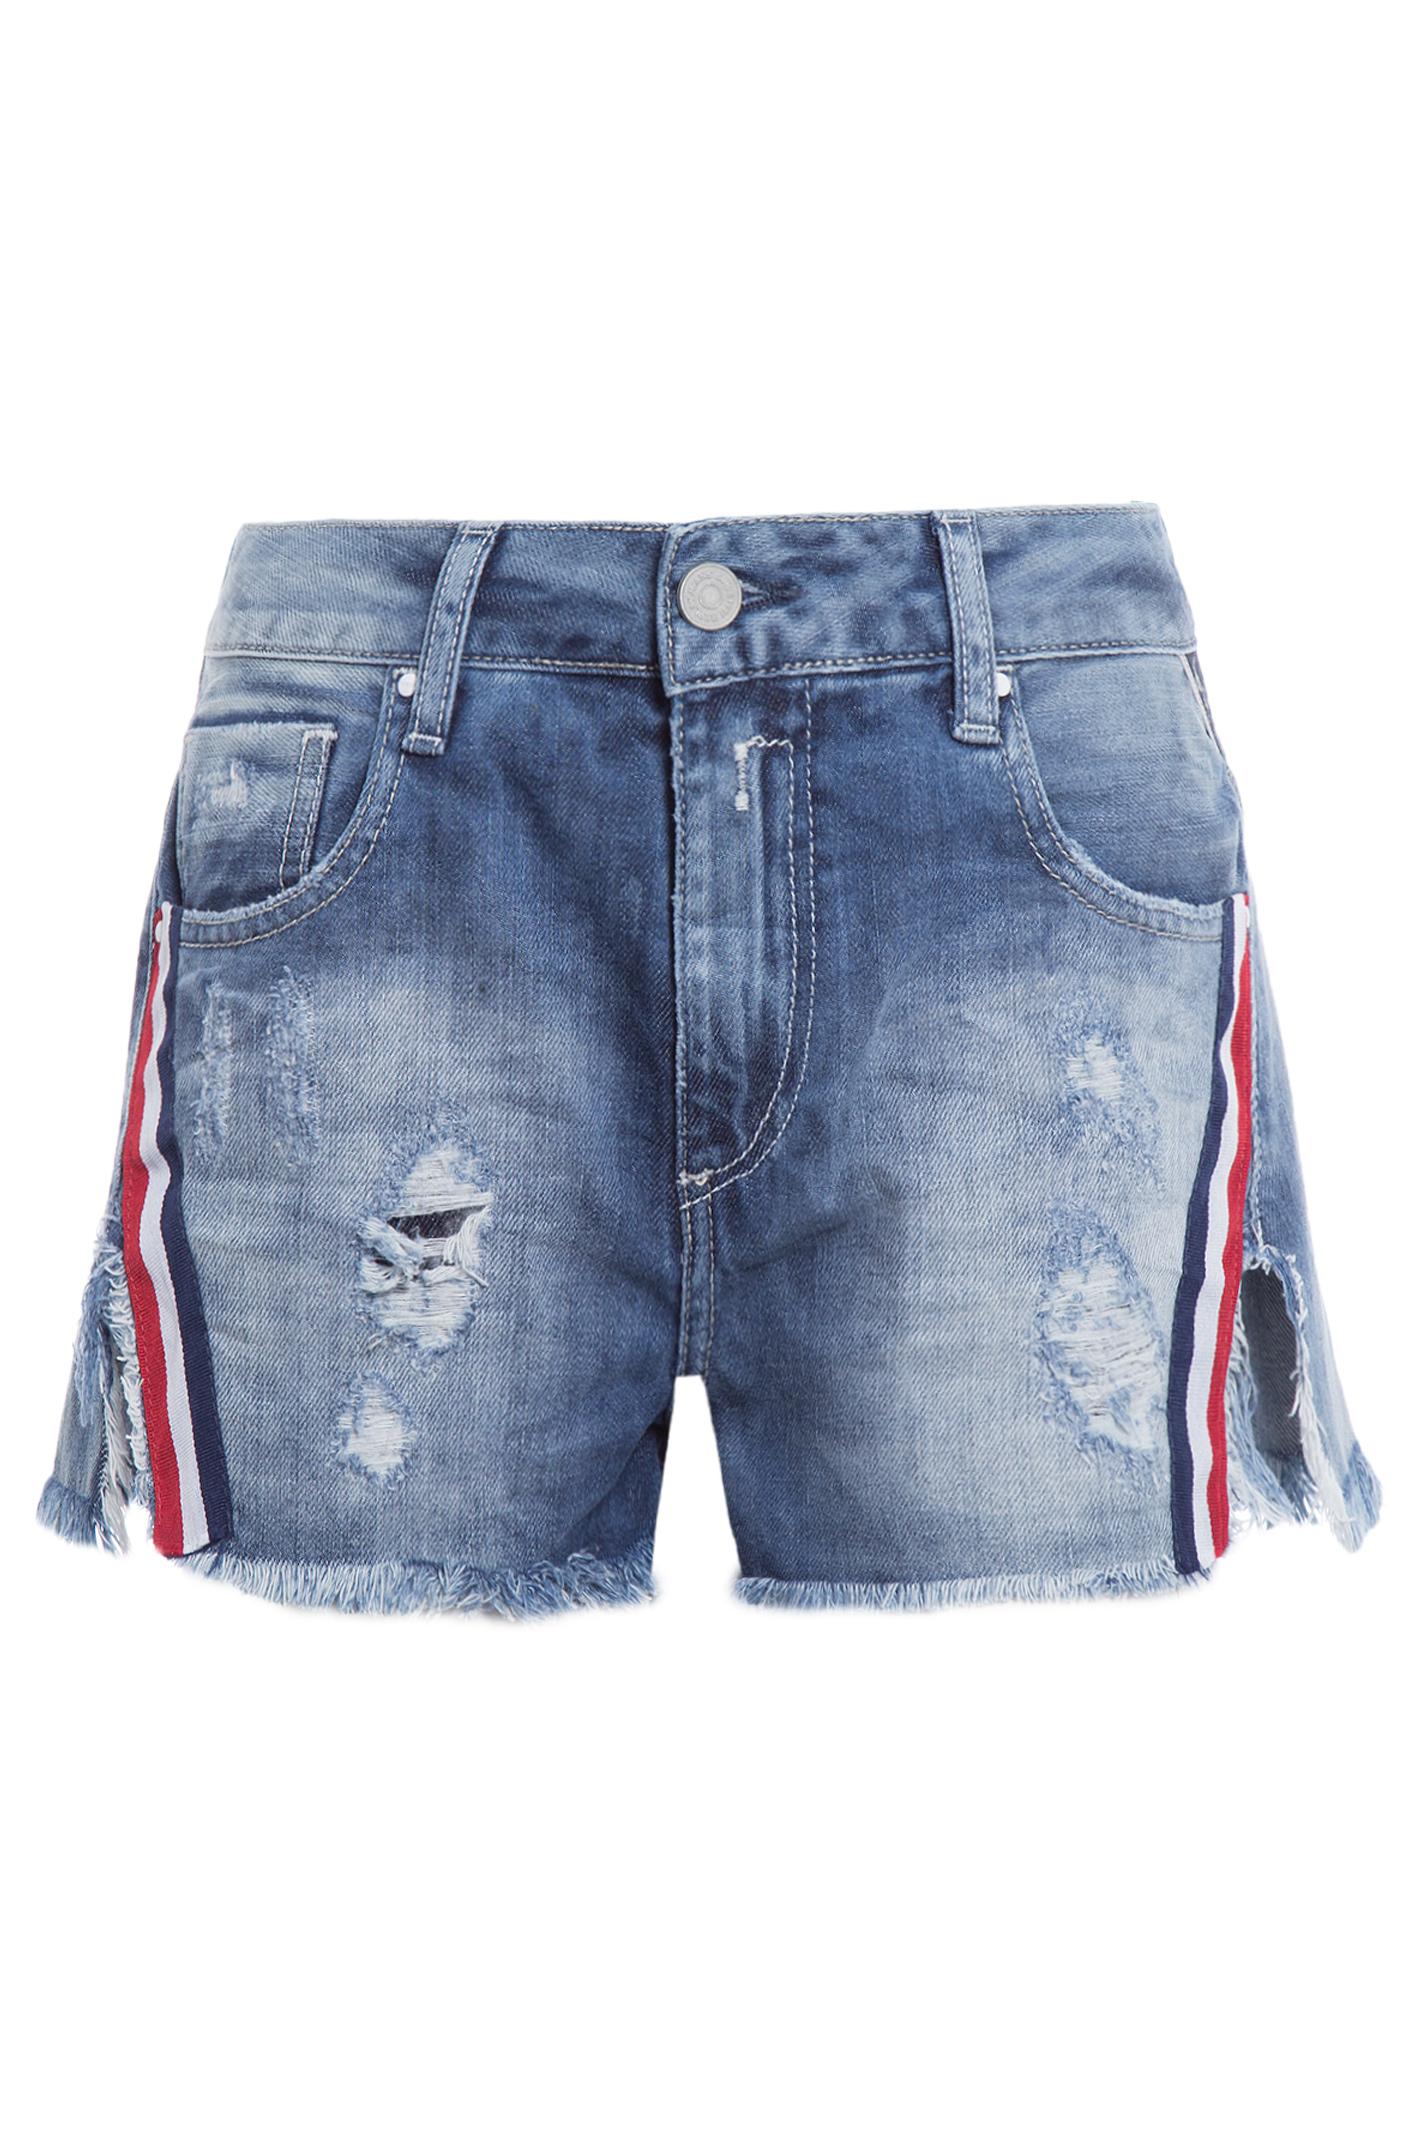 Shorts Curto Feminino